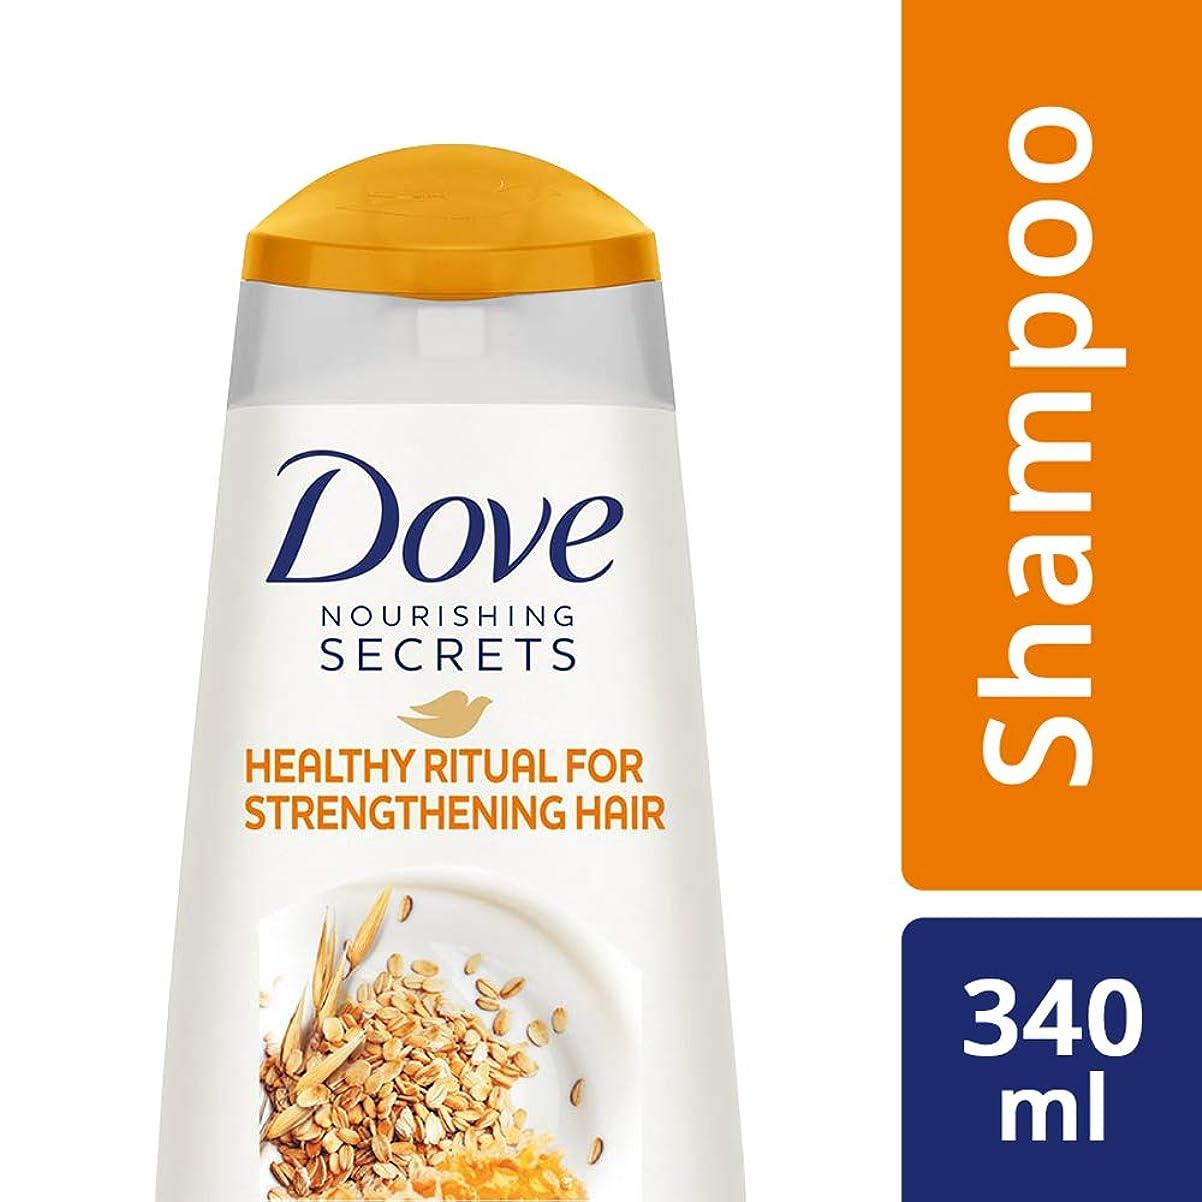 ベスビオ山ハント治安判事Dove Healthy Ritual for Strengthening Hair Shampoo, 340 ml (Oat Milk and Honey Extracts)